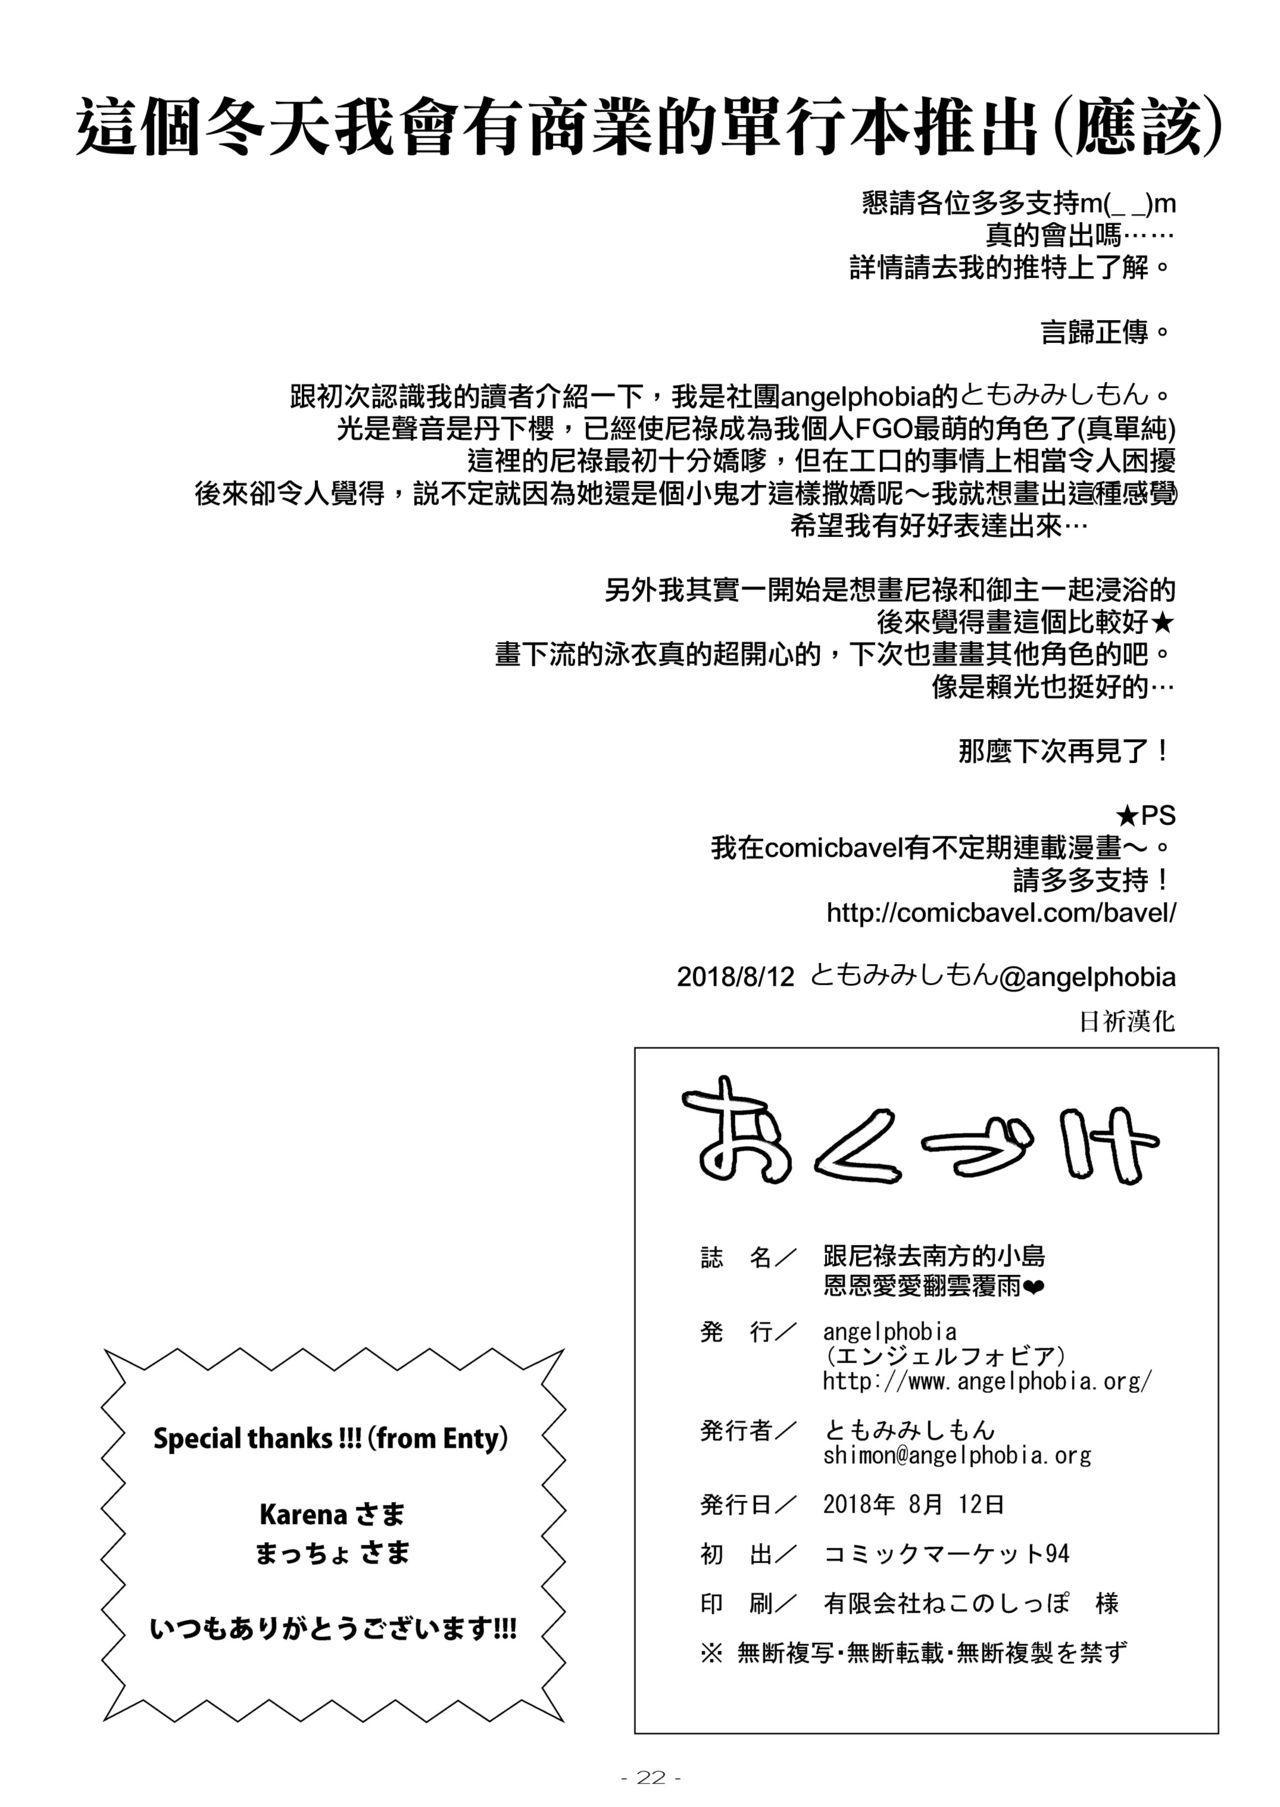 Futari dake no Minami no Shima de Nero to Icha Pako 20